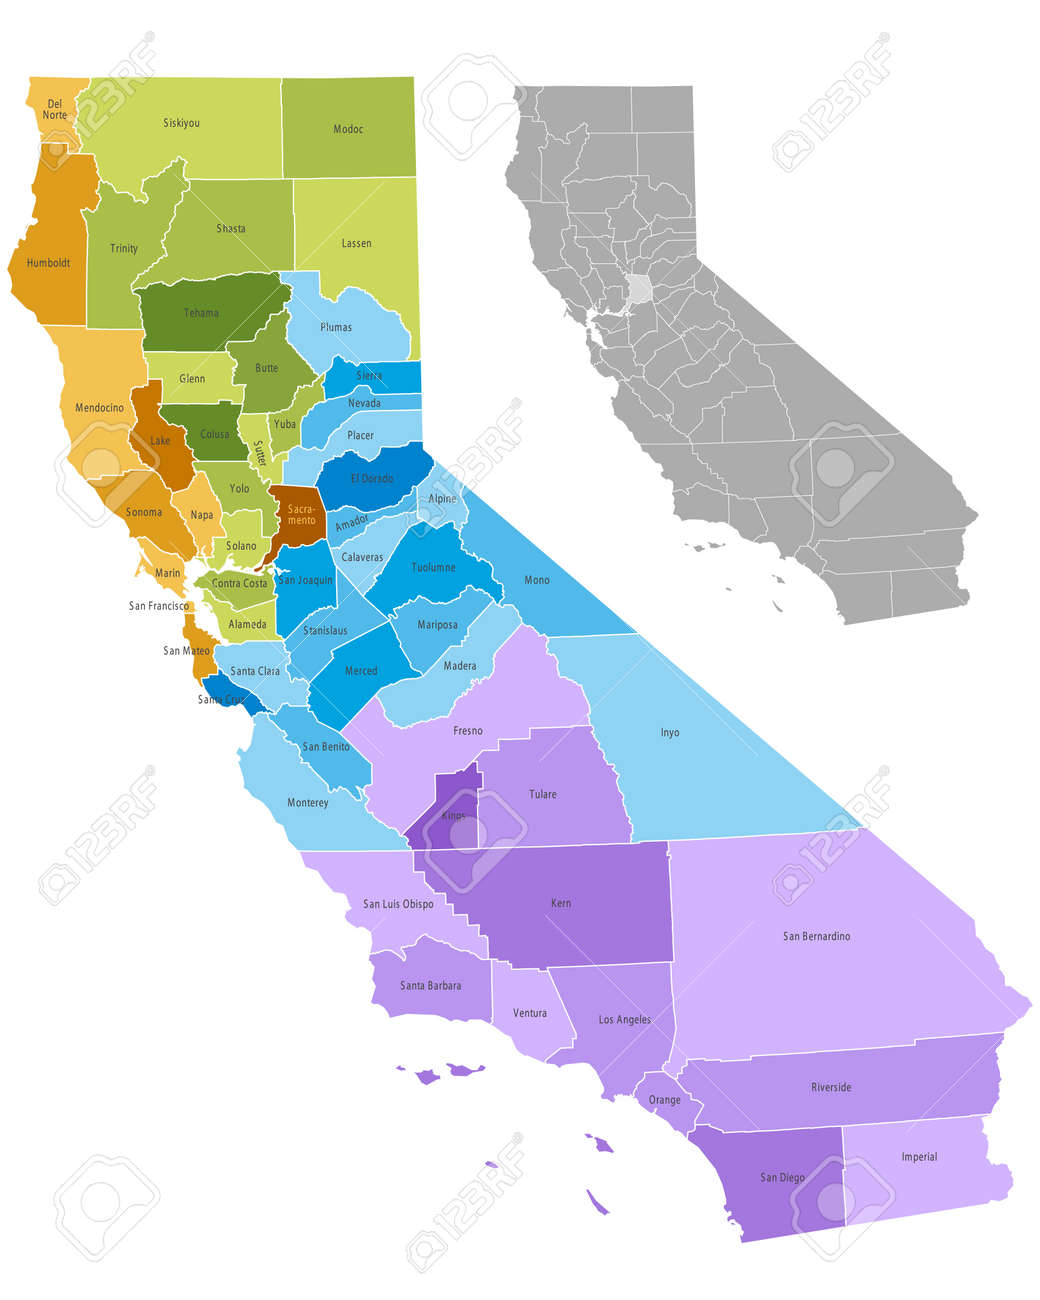 Mapa De Condados Del Estado De California Con Límites Y Nombres - Mapa de california